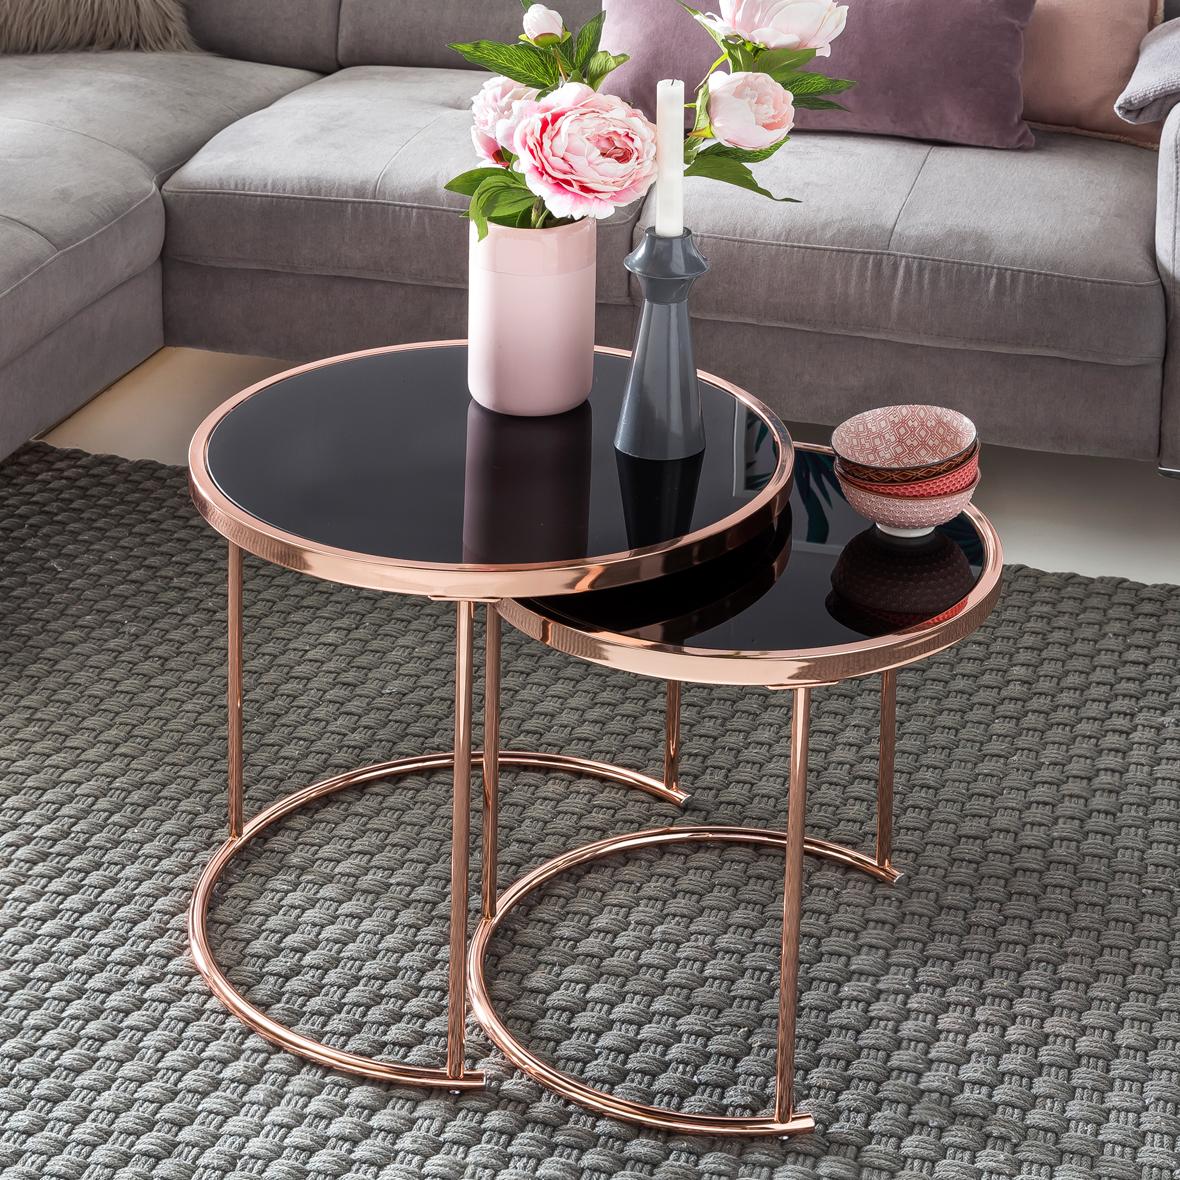 FineBuy Design Couchtisch DECO Glas Kupfer Tisch 8er Set Satztisch Ø 8 &  48 cm  Wohnzimmertisch Glasplatte Schwarz  Beistelltisch Modern